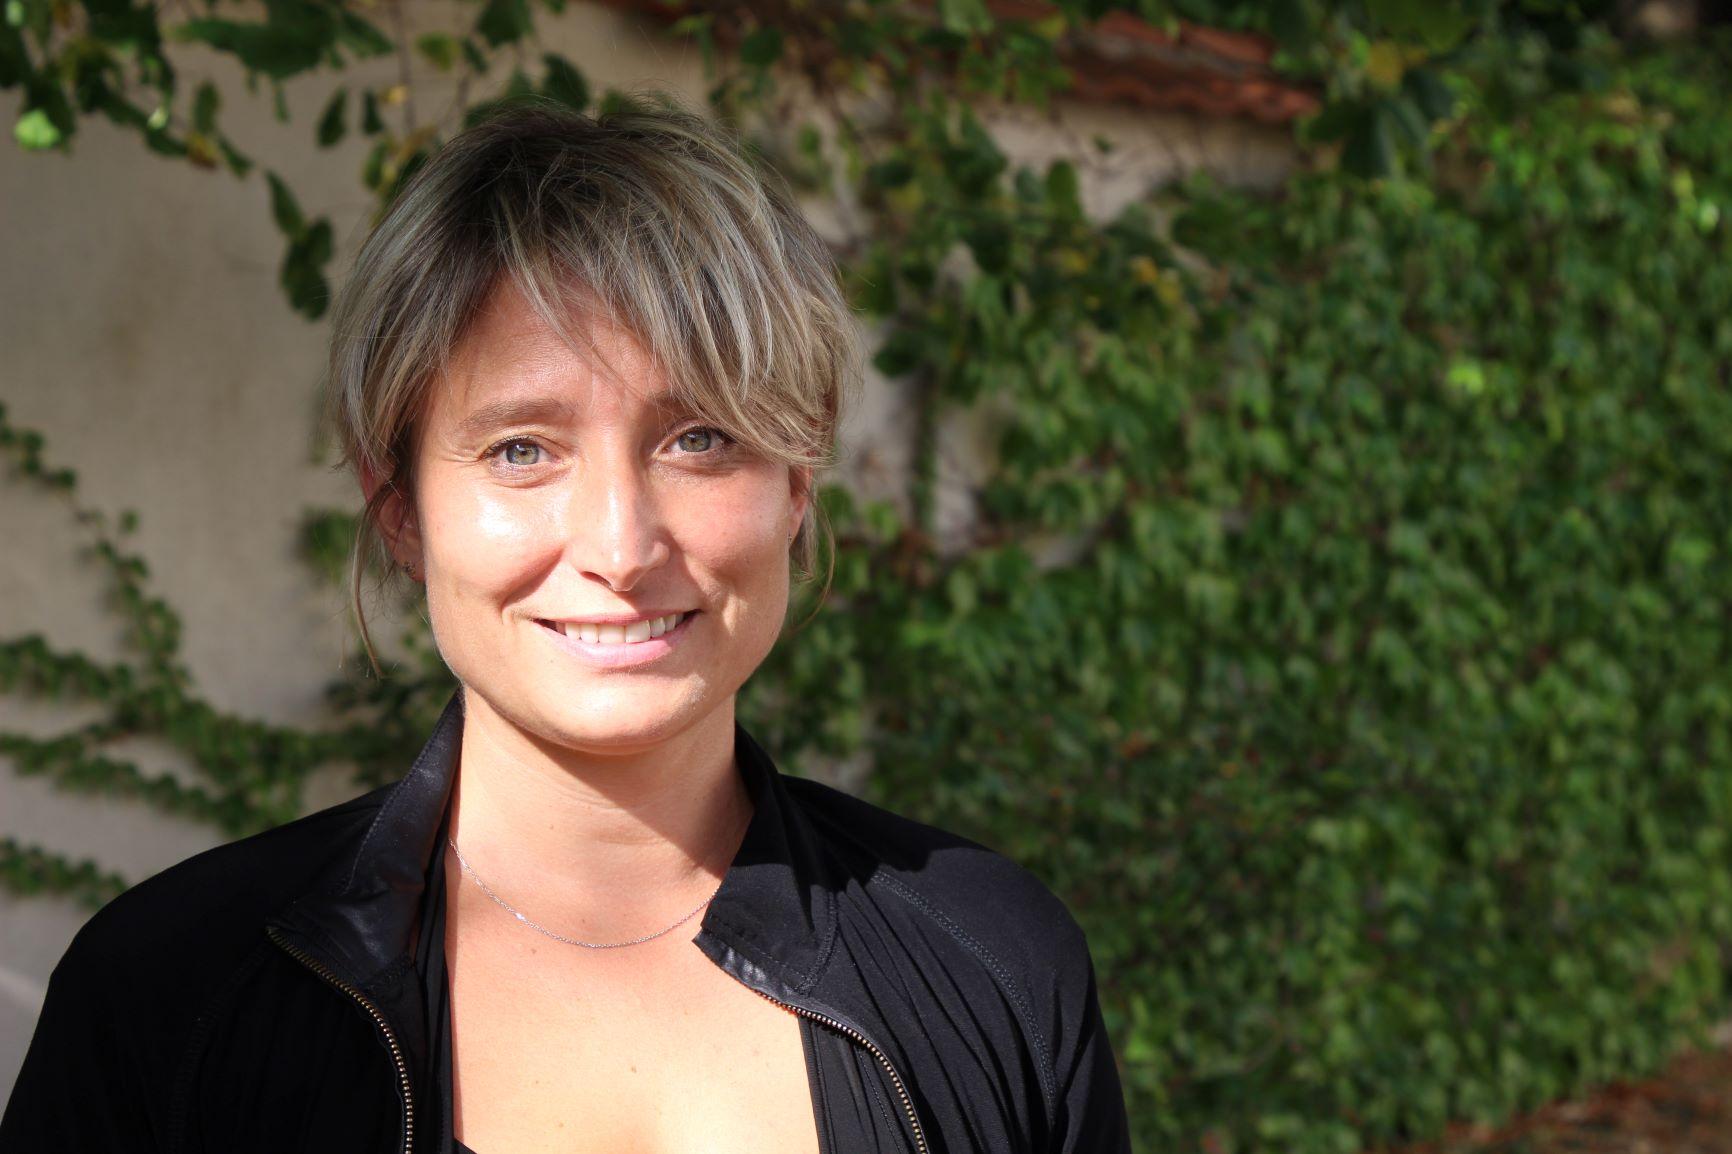 photo de Anne Charon directrice de la communication au Conseil départemental de Meurthe-et-Moselle et en charge du développement de la participation citoyenne